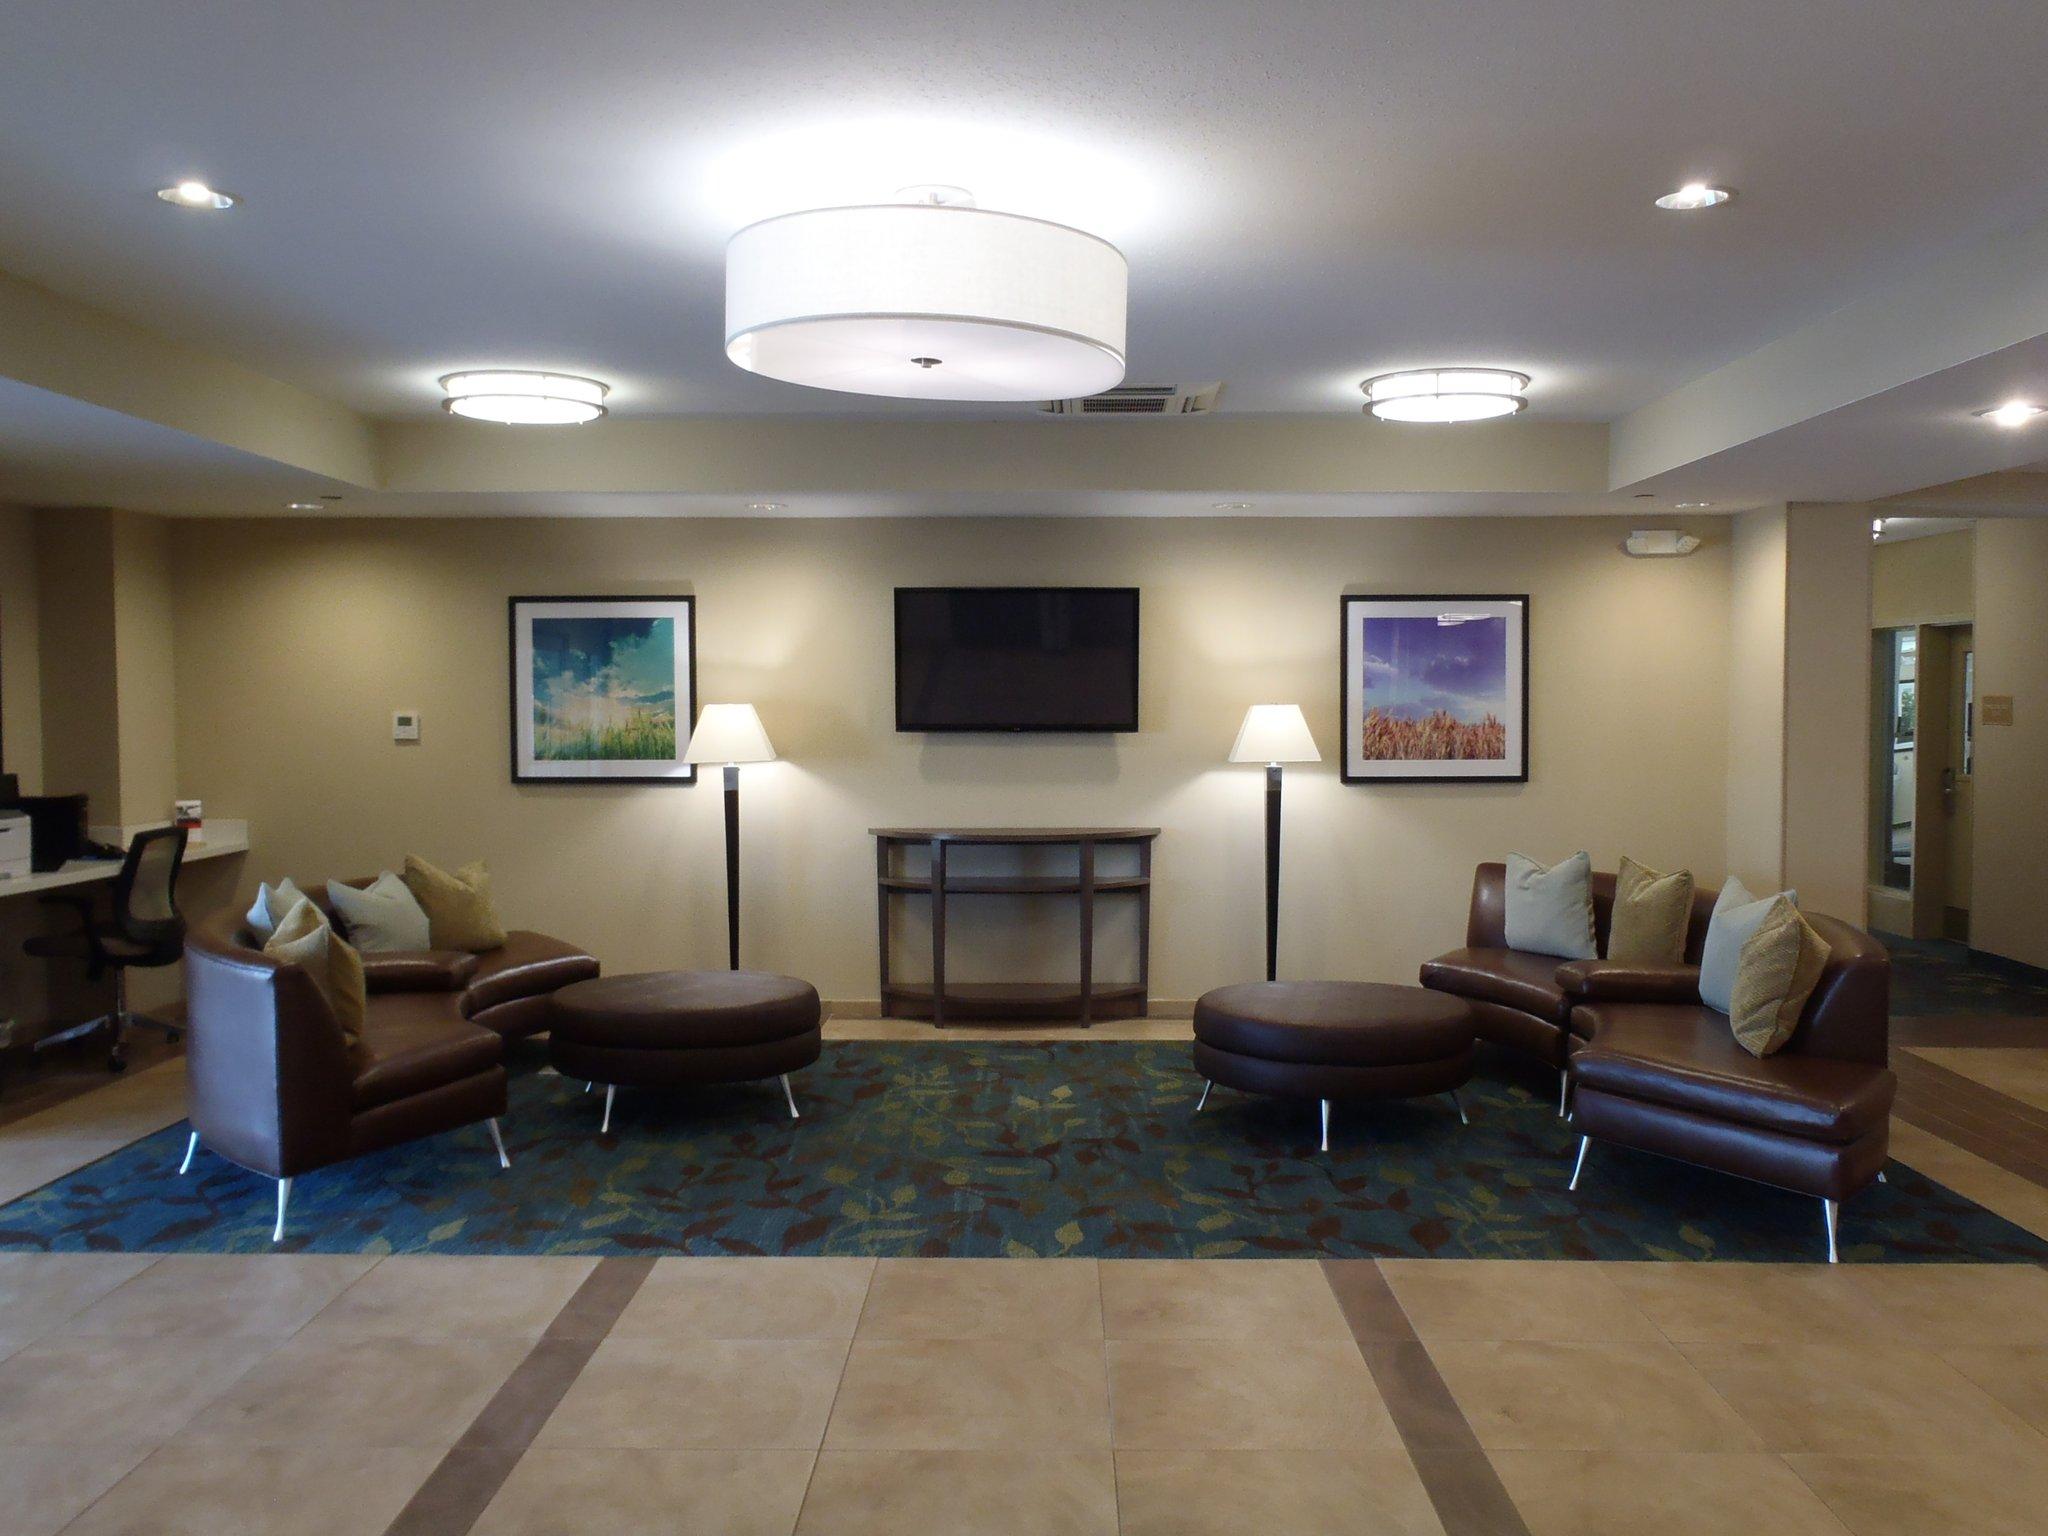 Candlewood Suites Bensalem